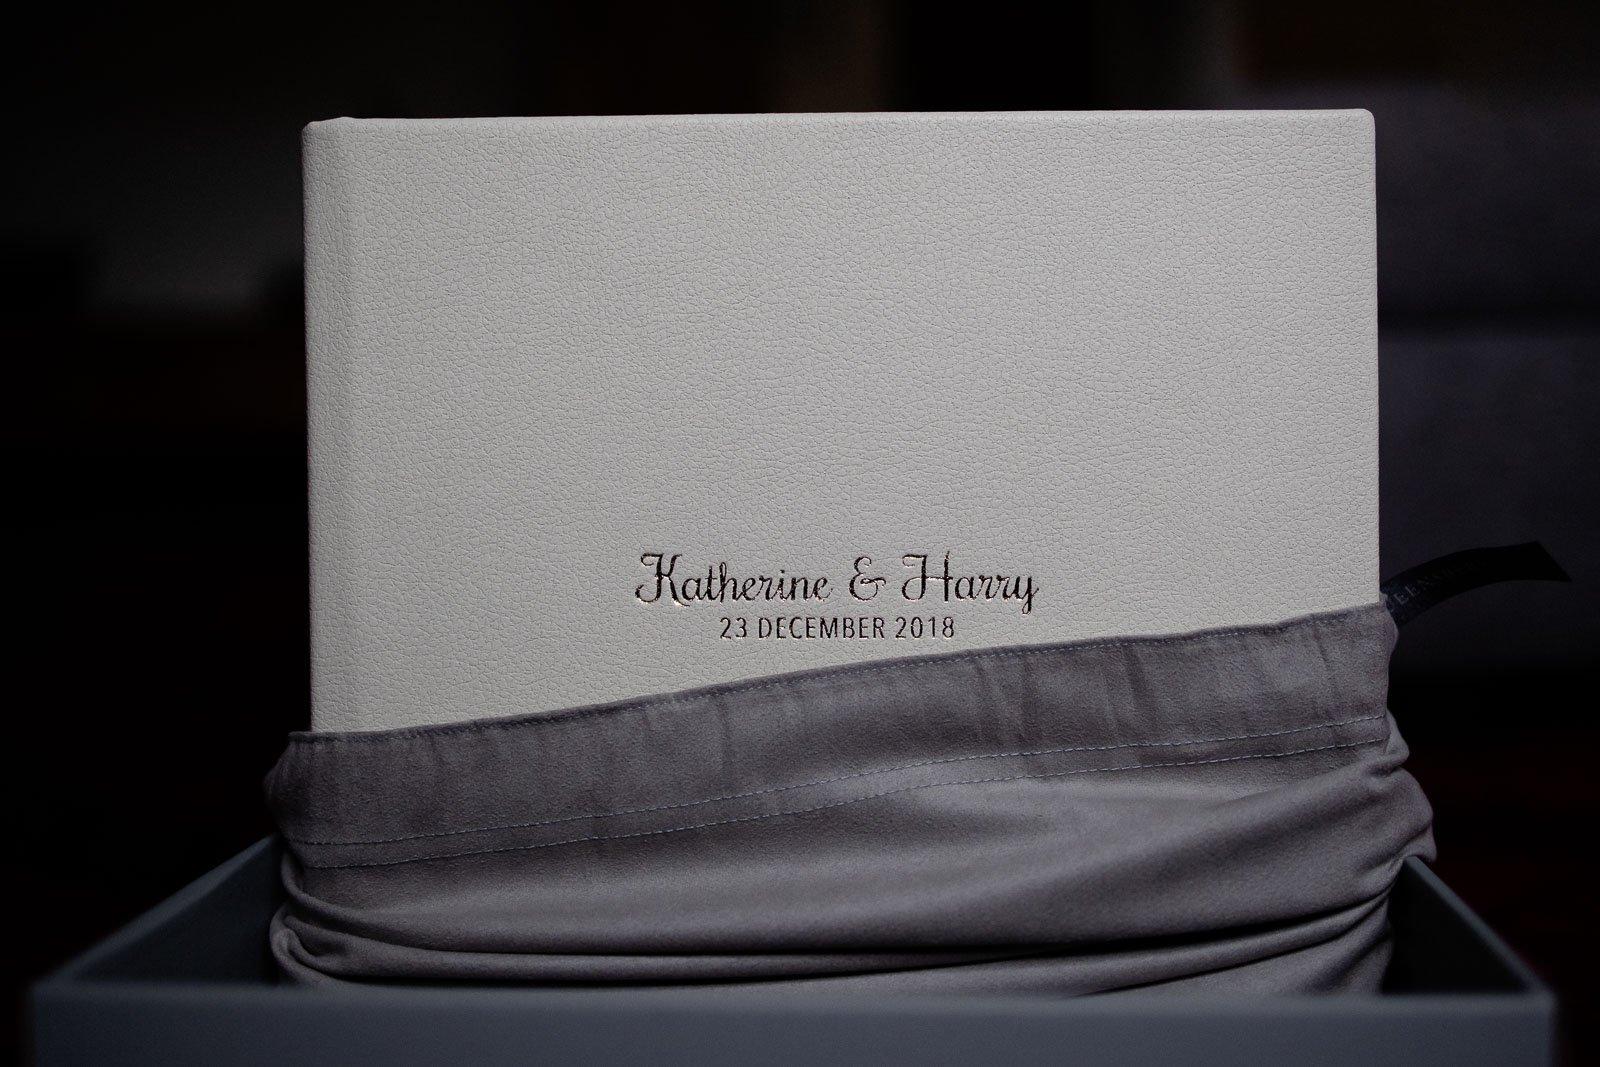 Queensberry mounted album